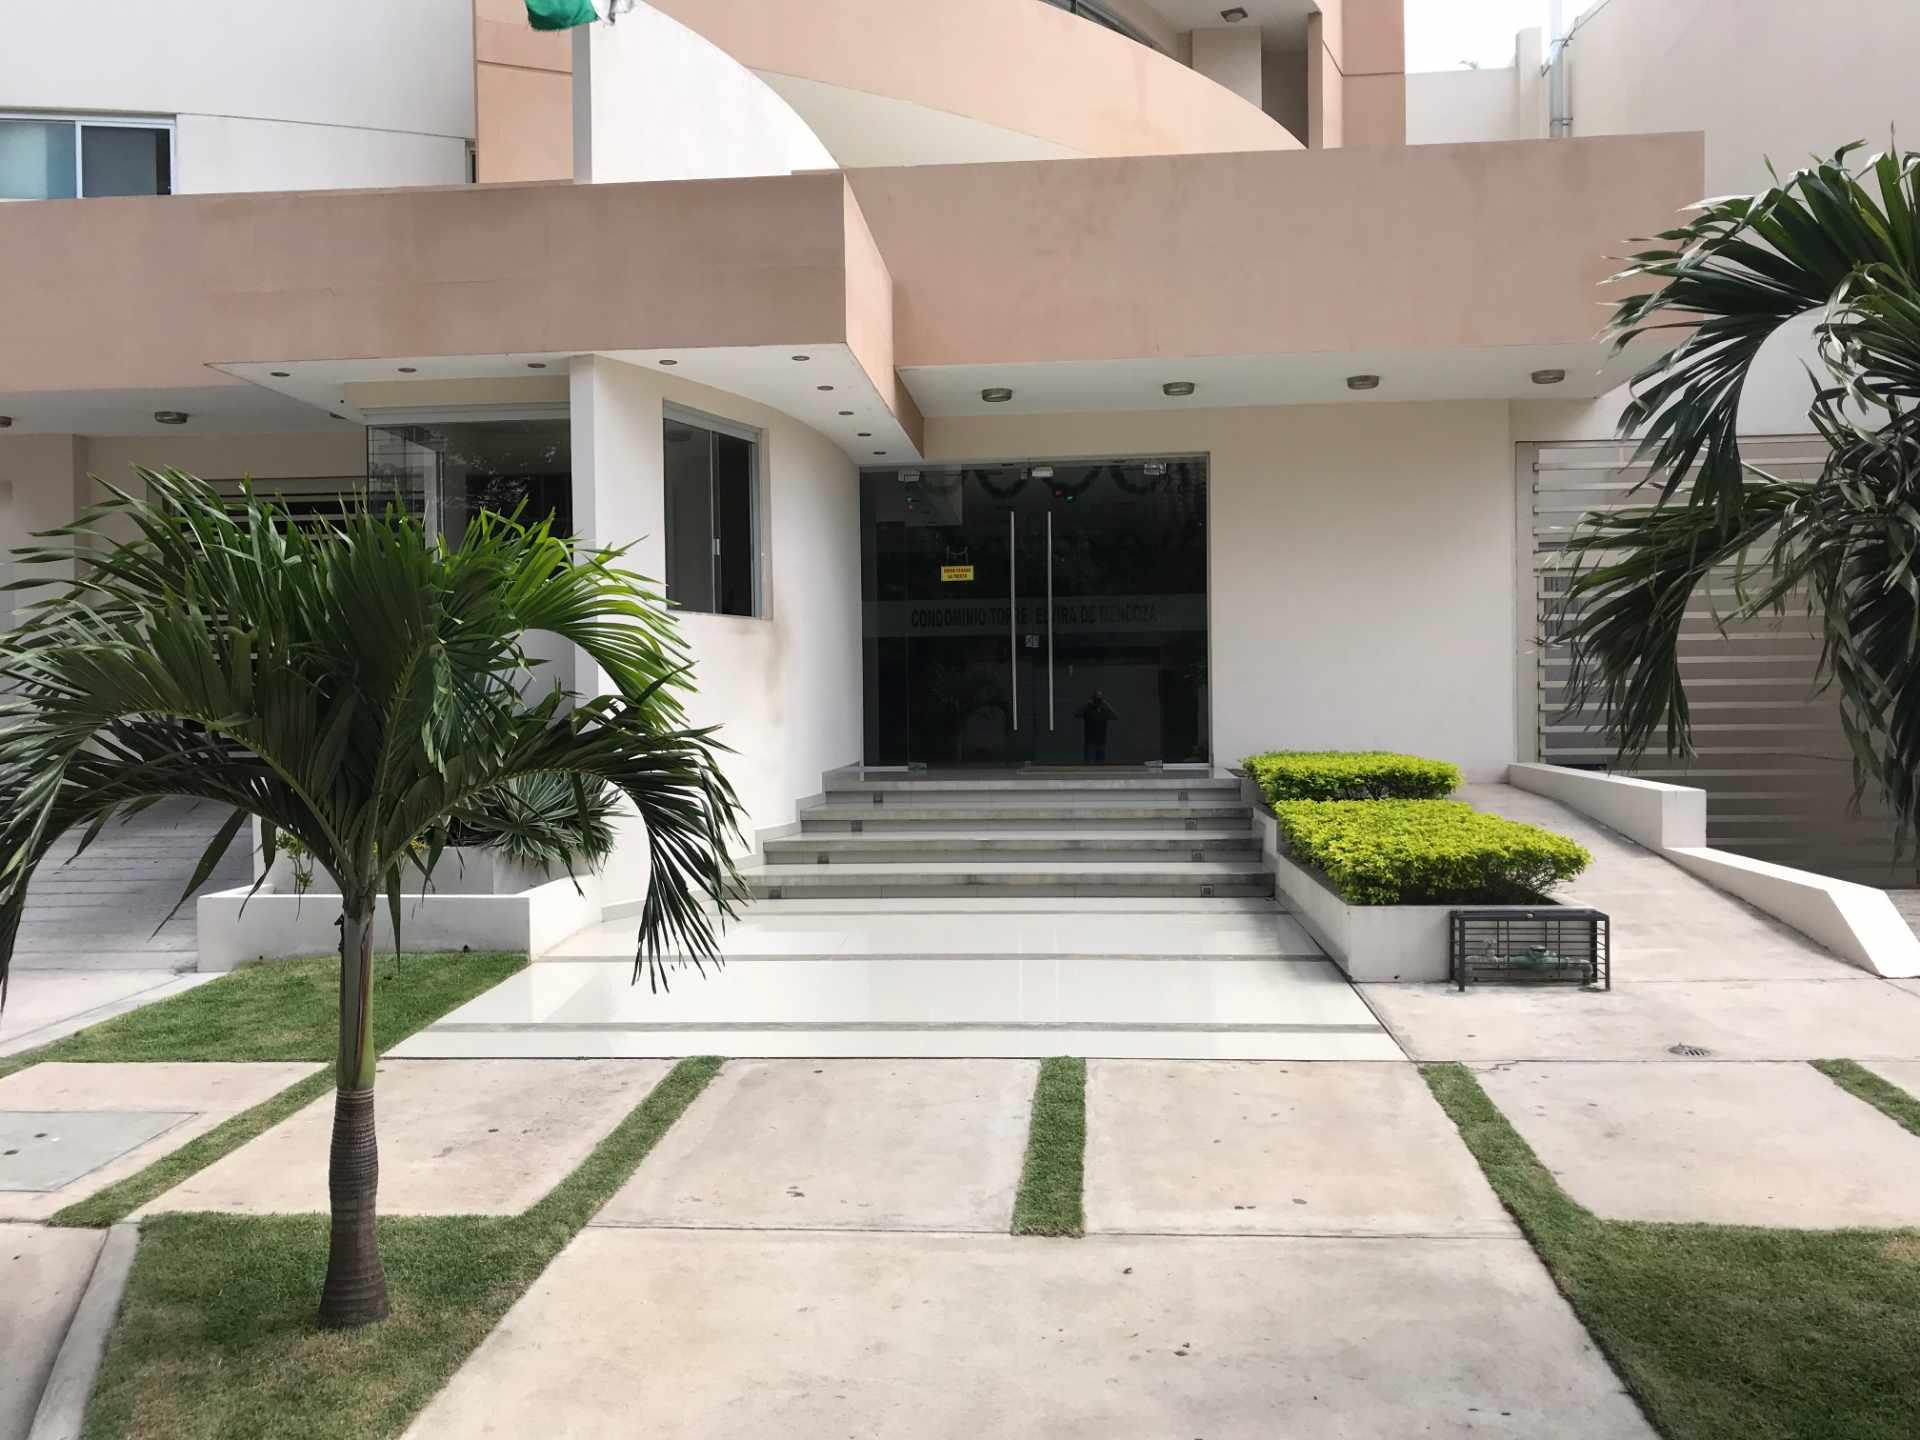 Departamento en Venta Torre Elvira de Mendoza, sobre c/Elvira de Mendoza entre Av. Las Américas y c/Monseñor Santistevan. Foto 4